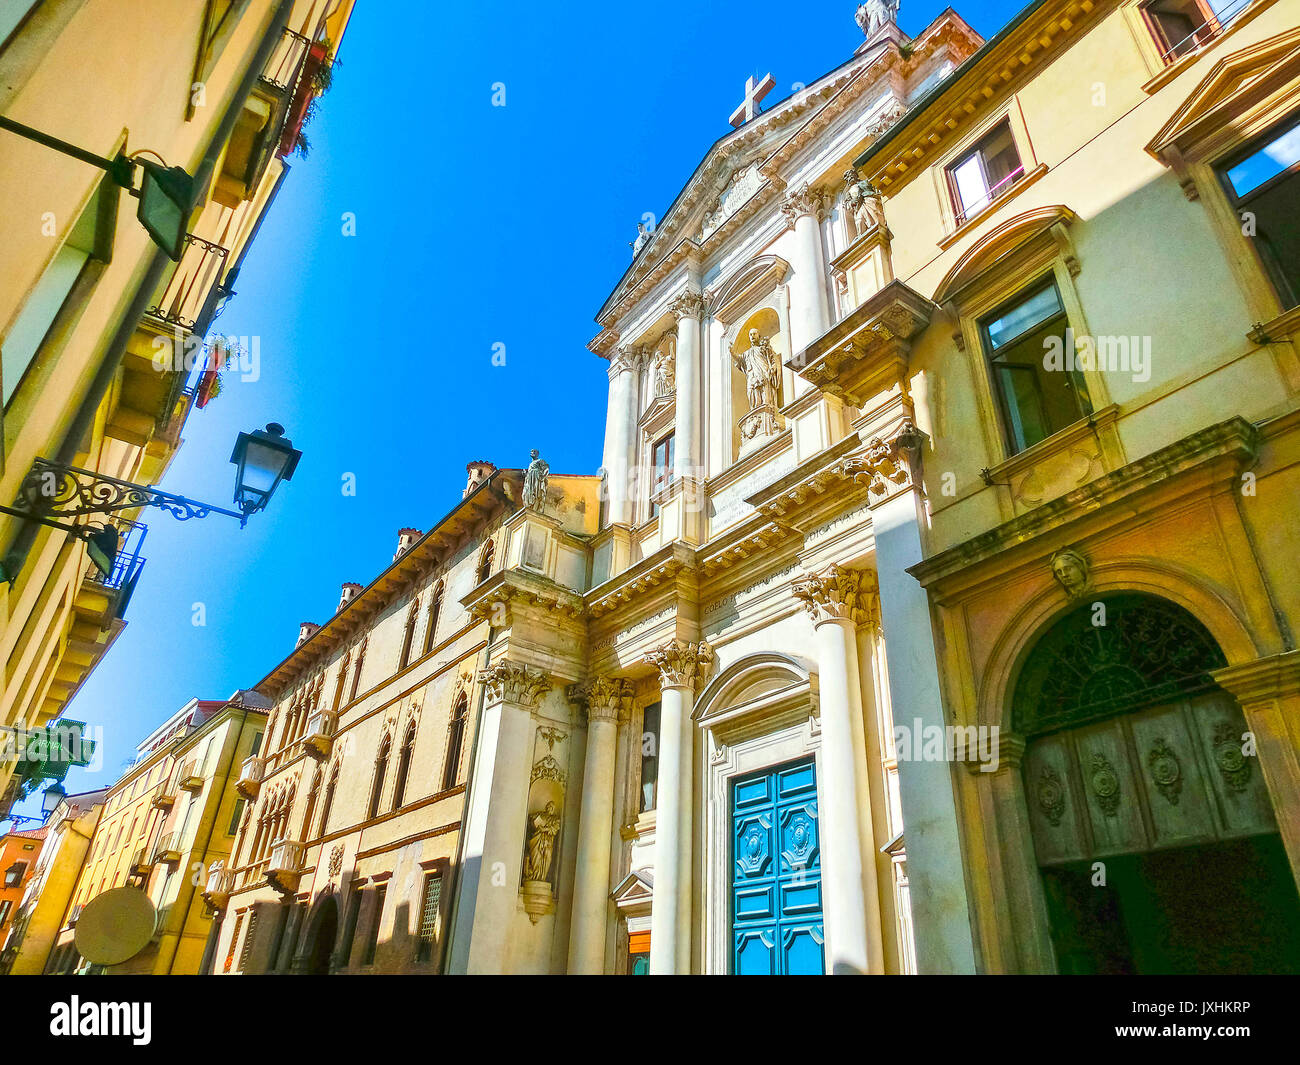 The view of famous Basilica at Piazza Dei Signori in Vicenza, Veneto, Italy - Stock Image